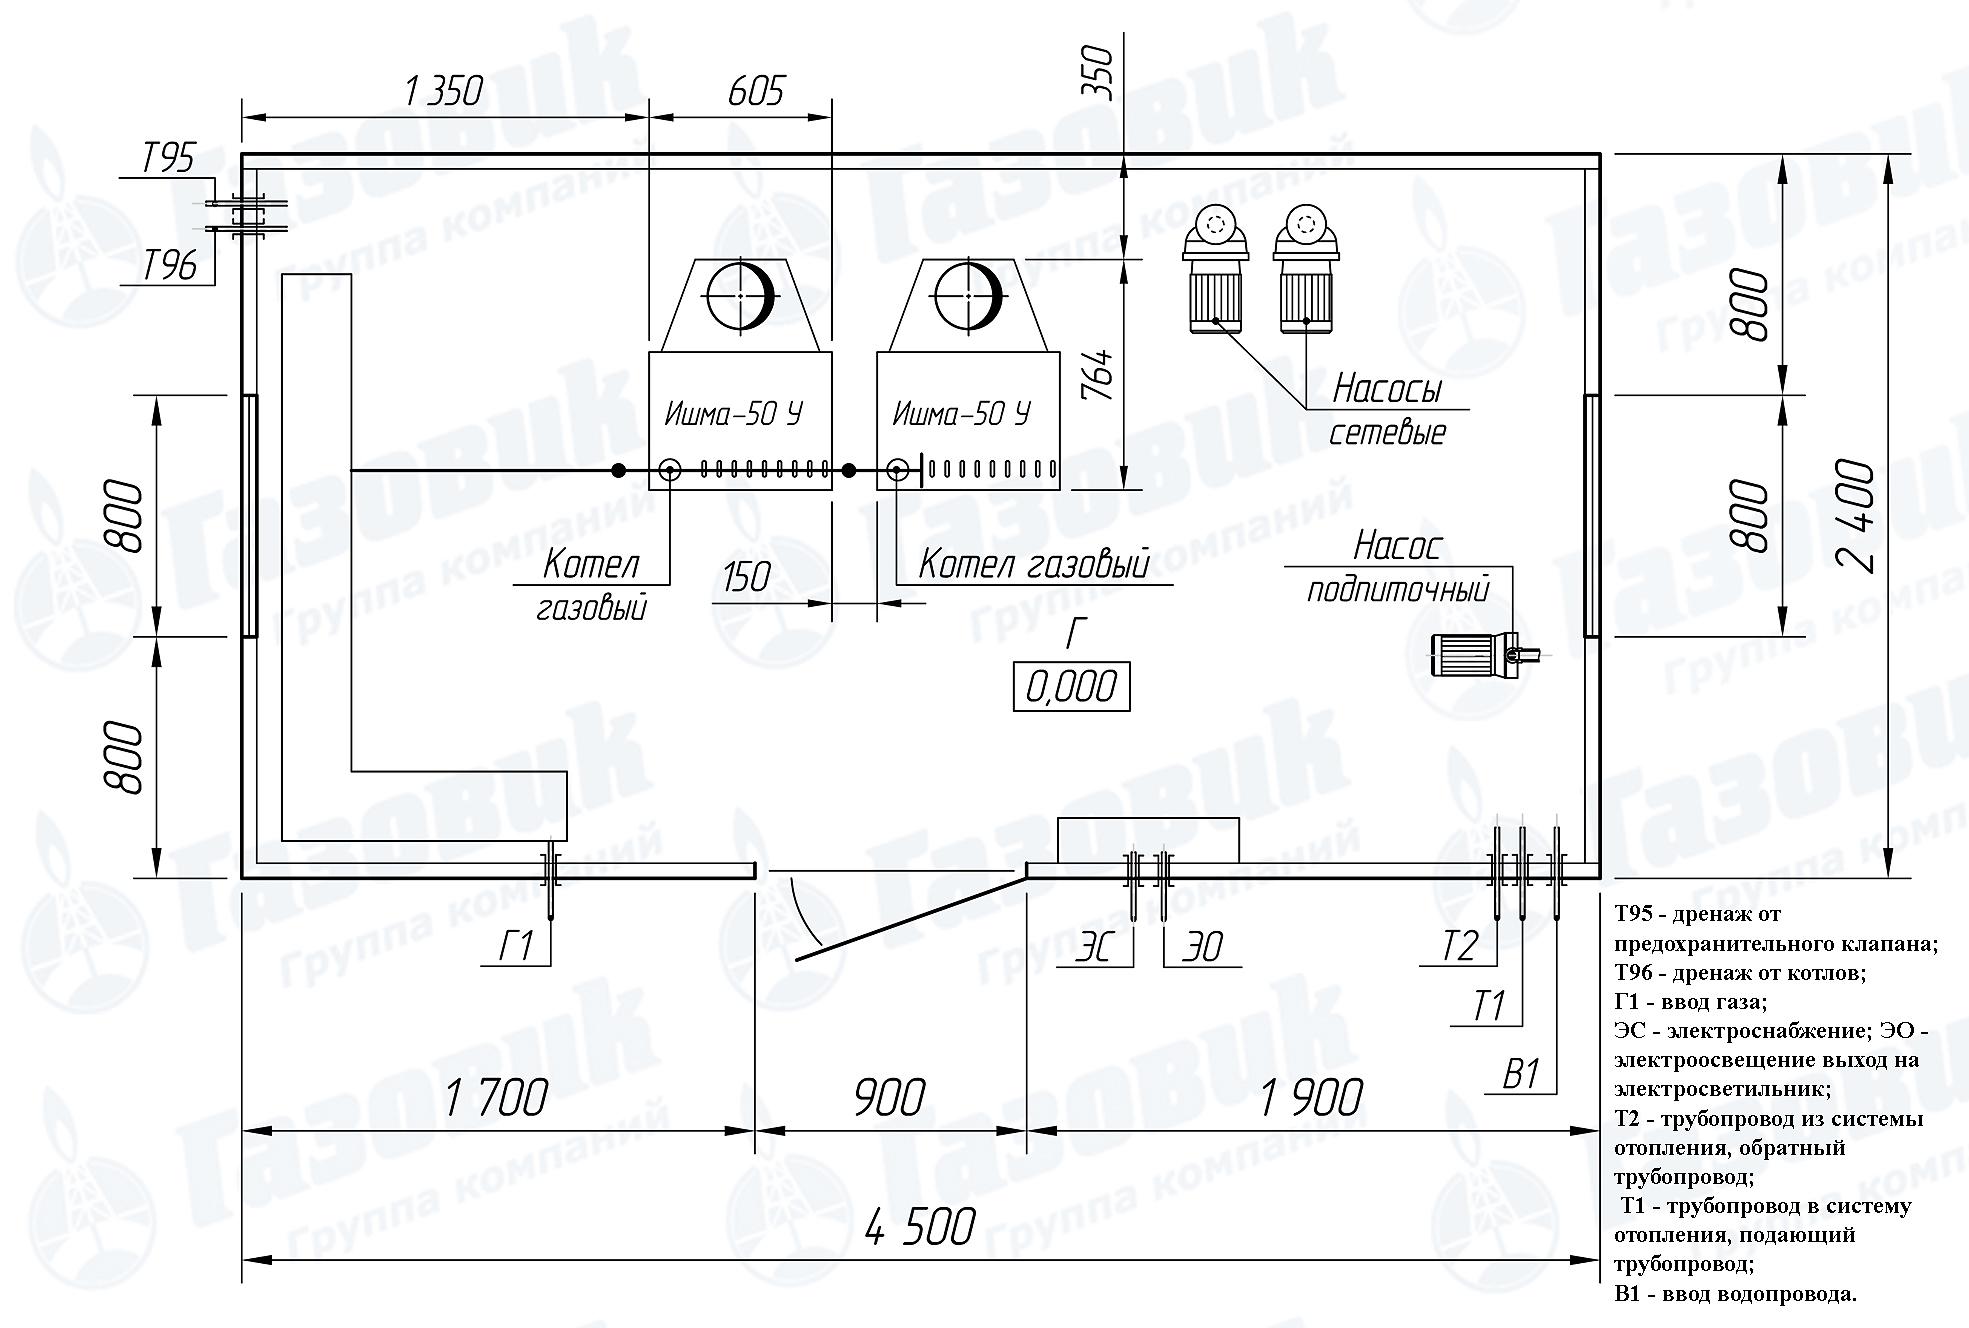 схема лопастедержателей сб-138б